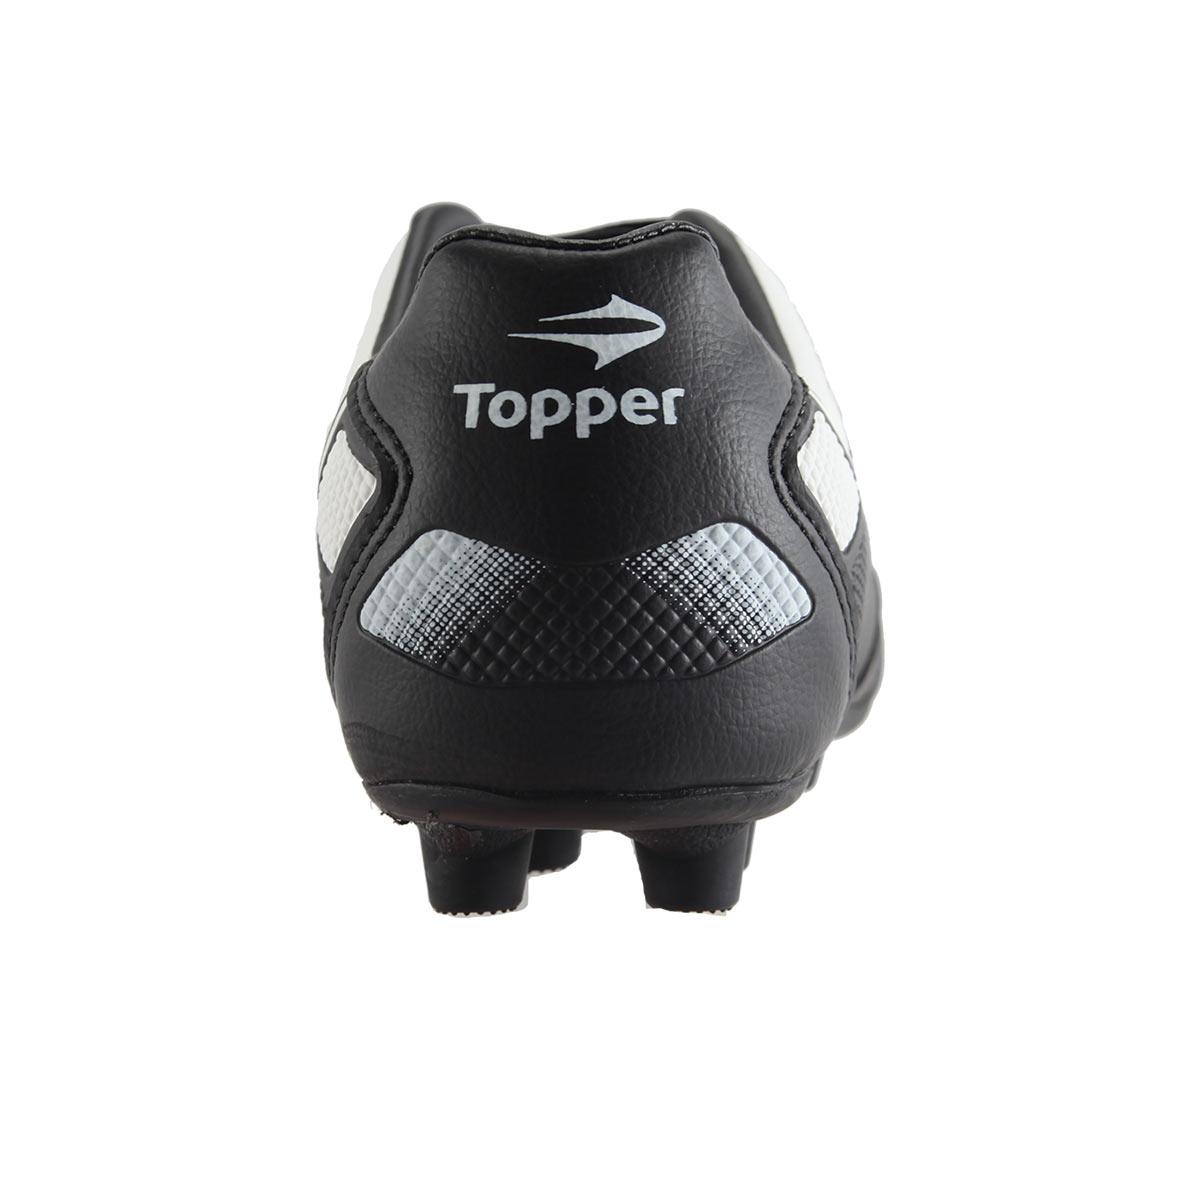 Chuteira Topper Futebol Campo Champion 5 4136532